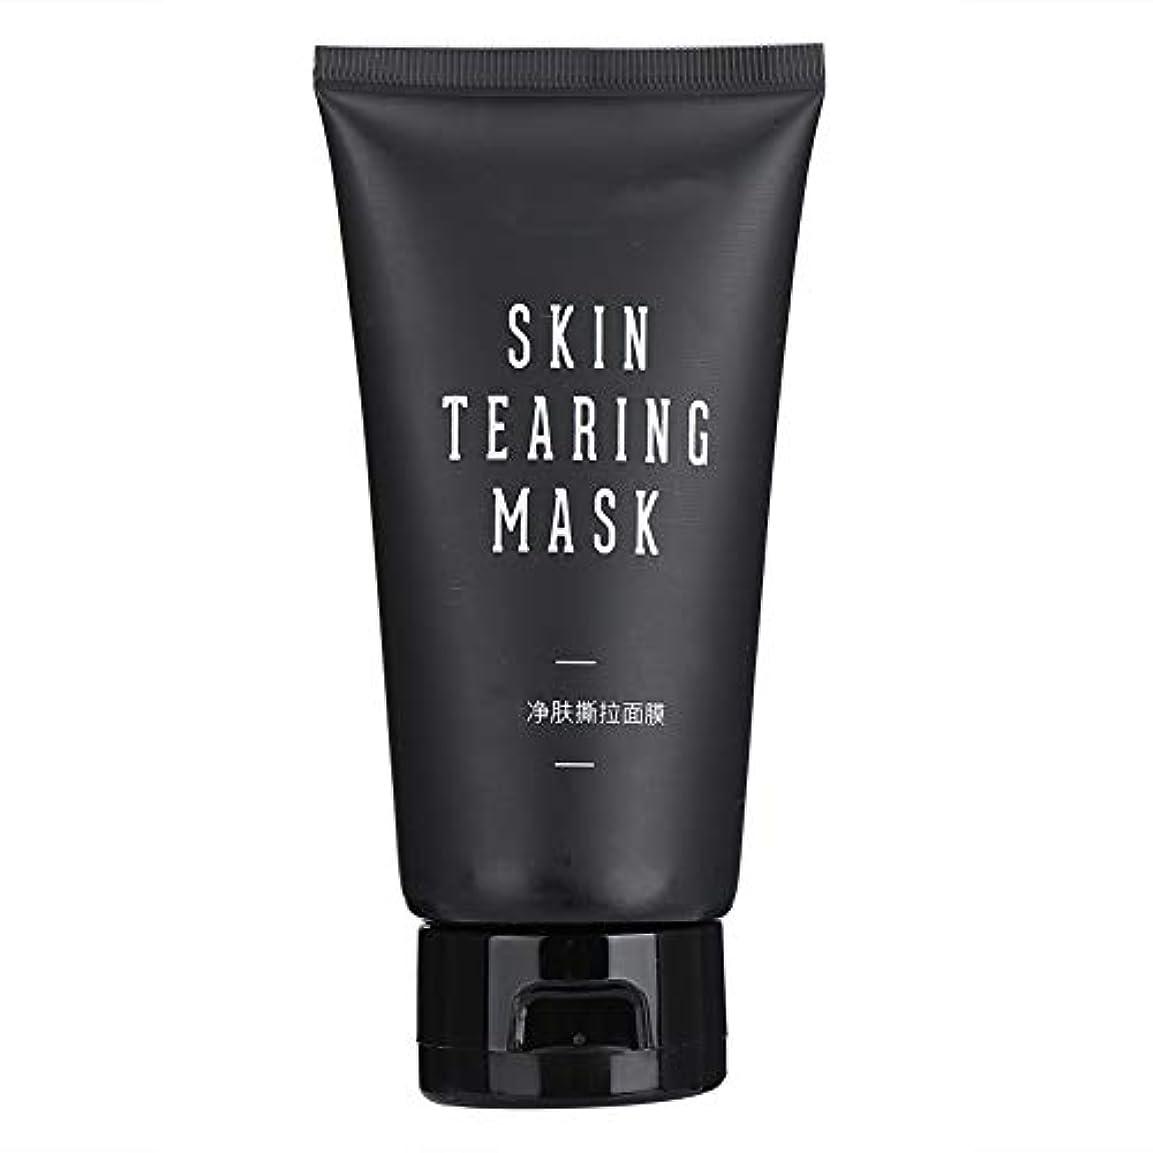 ピンクディスパッチ床を掃除する角質除去クレンジングマスク、にきびの除去角質除去マスク、ポロスクリーニングアスコットの修復 - 80 g